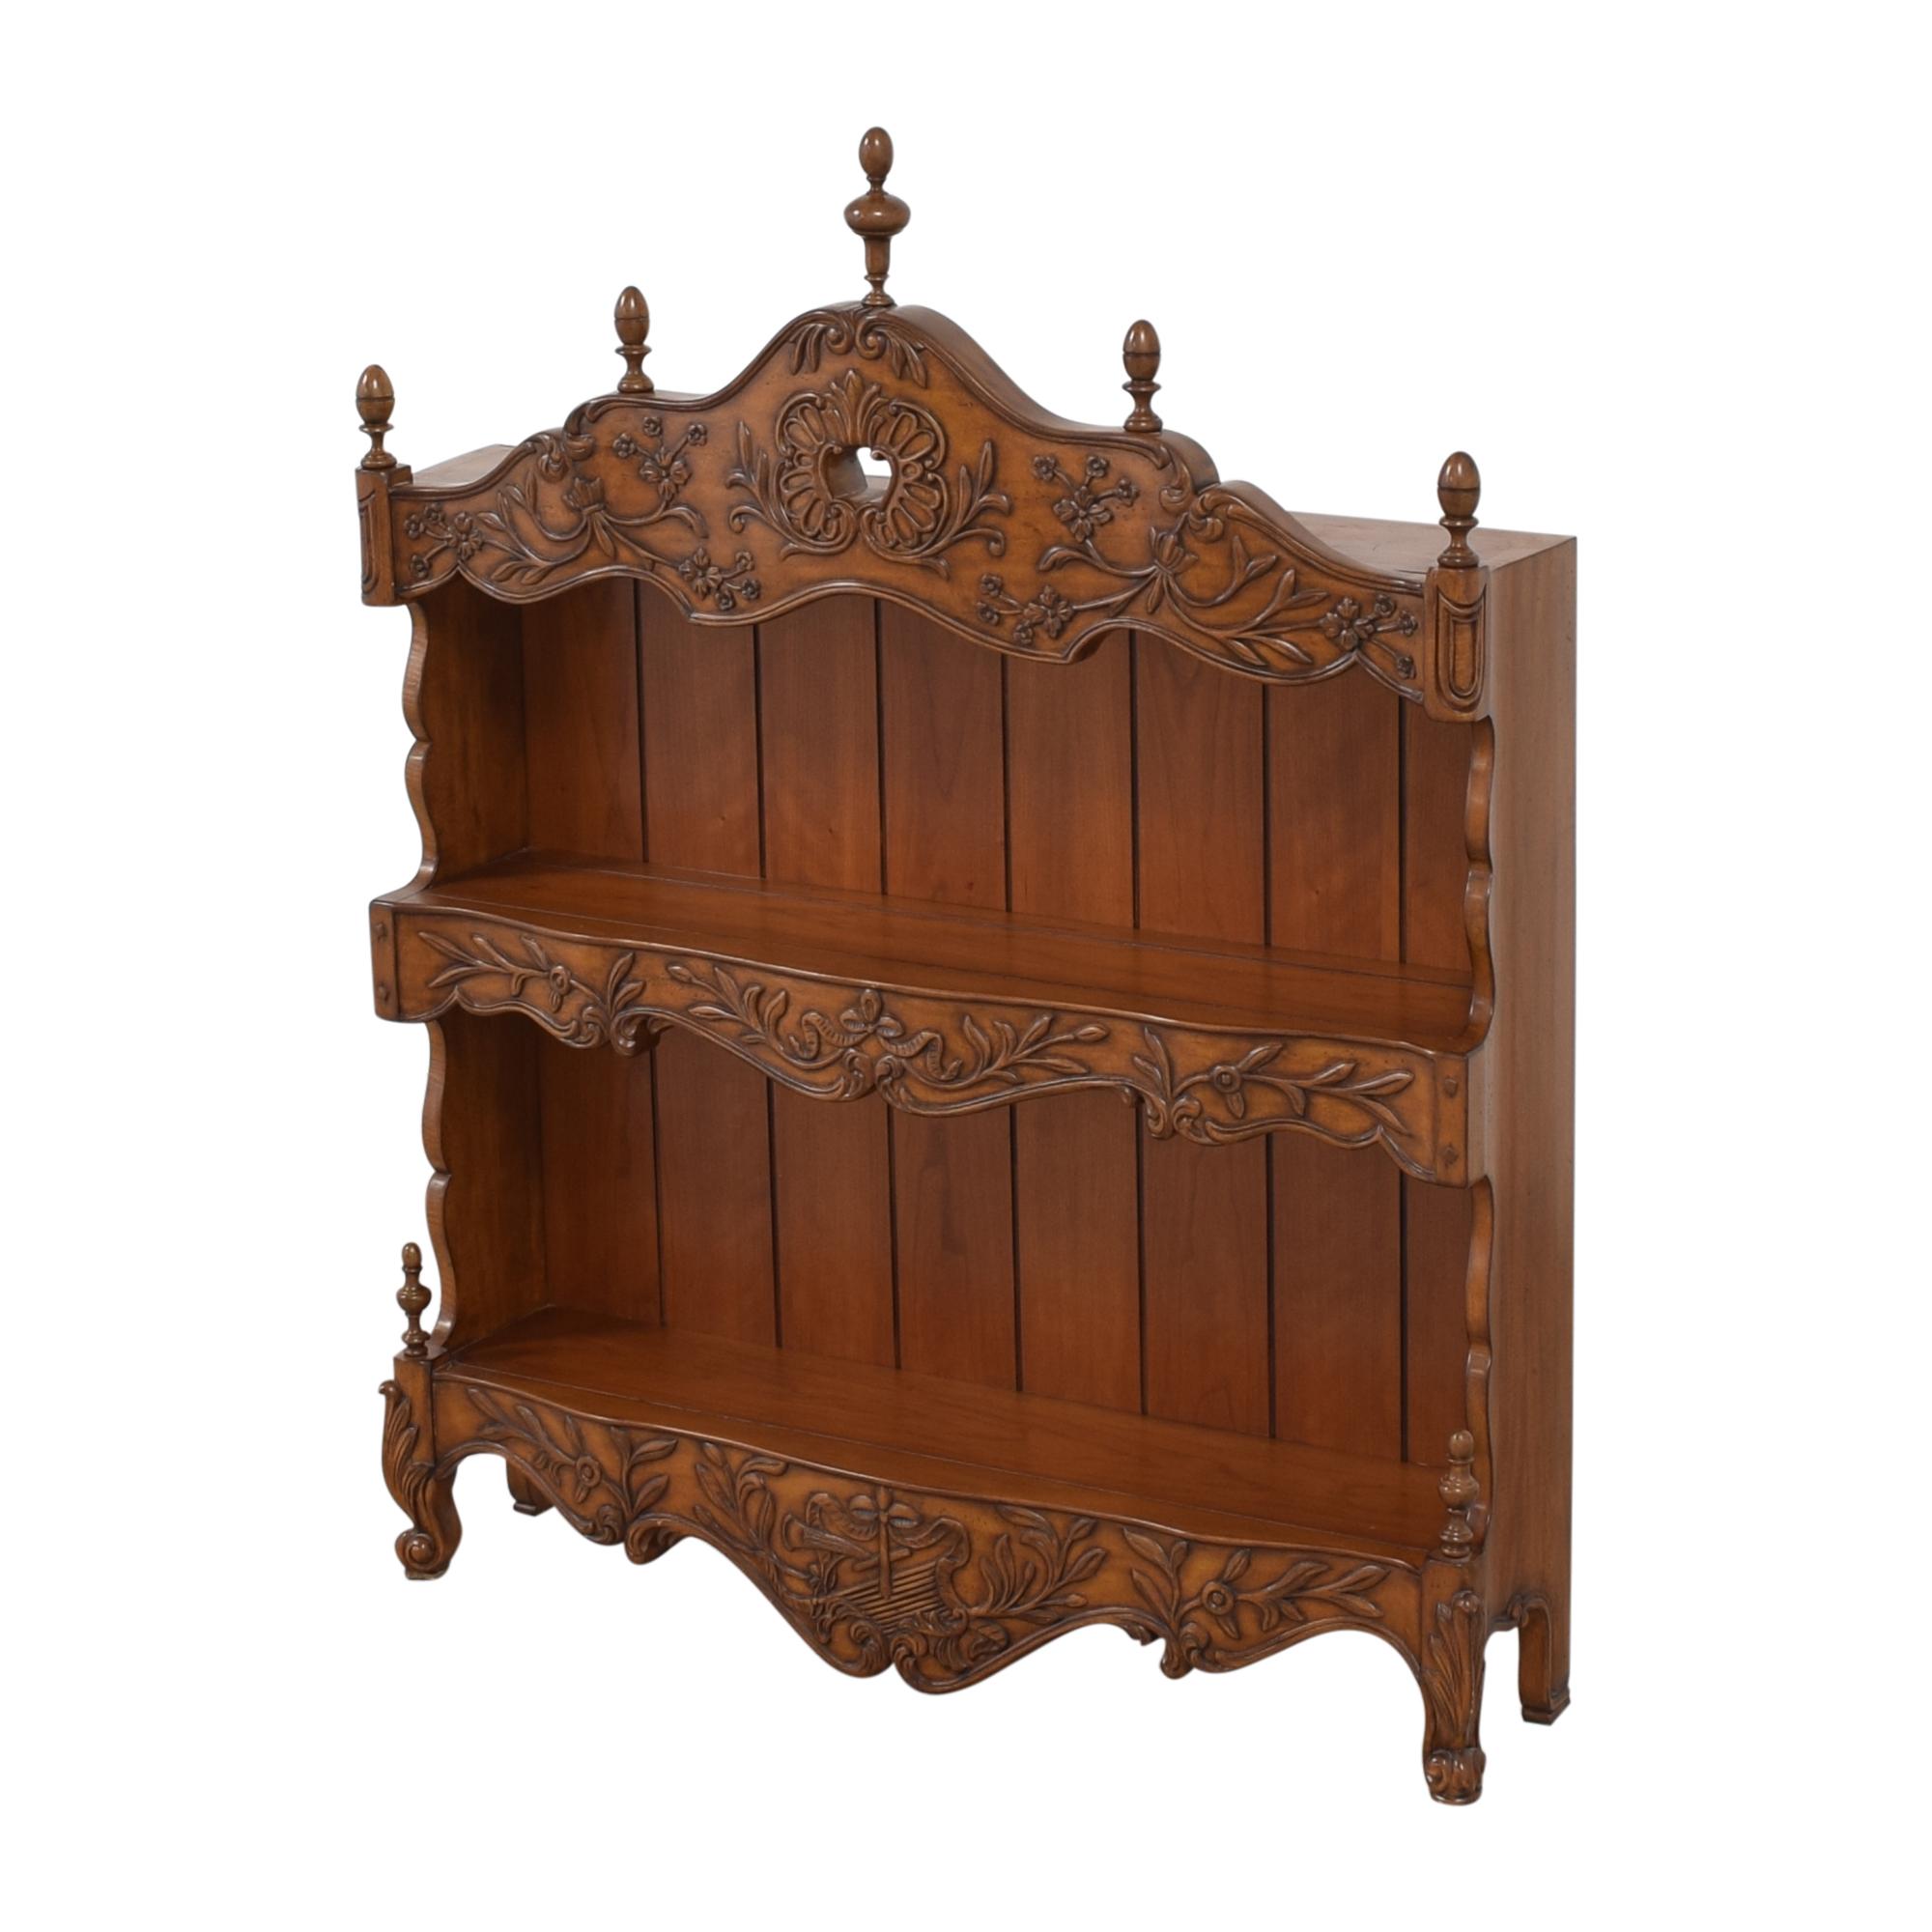 Vintage Hutch or Bookshelf used